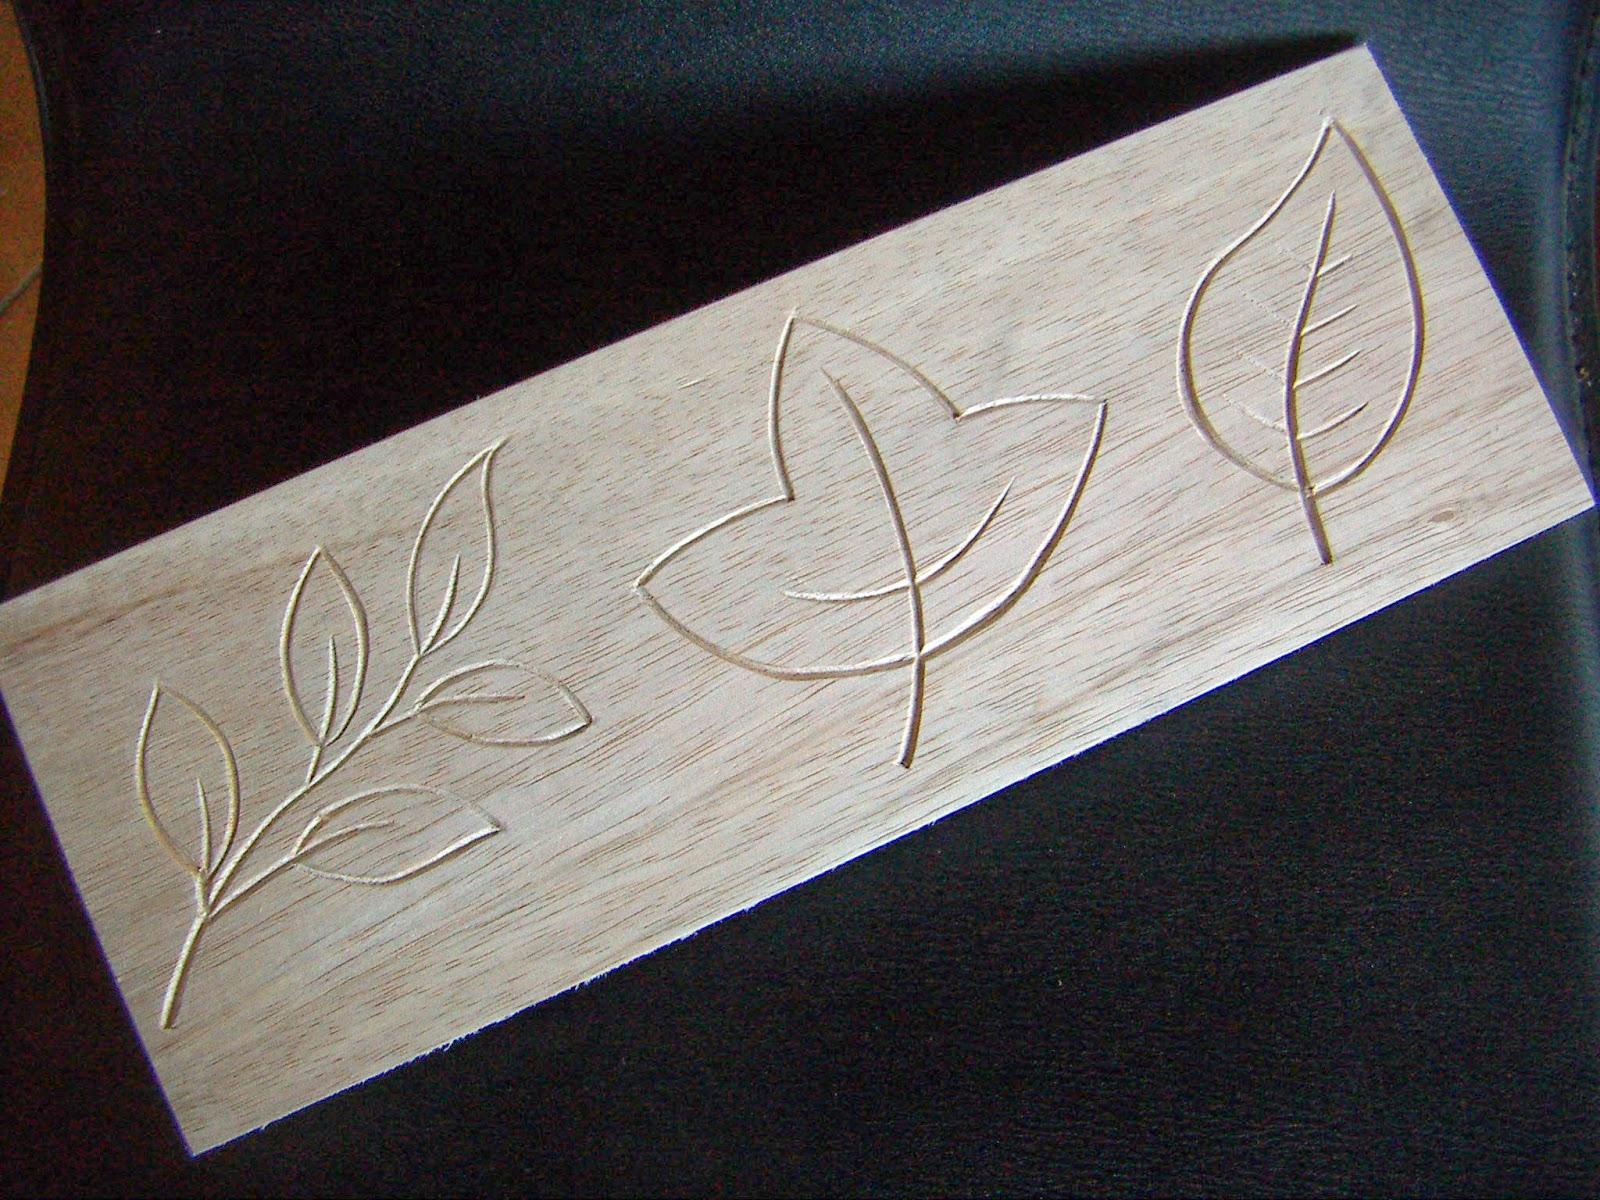 El rinc n de un aprendiz talla madera - Gubias para madera ...